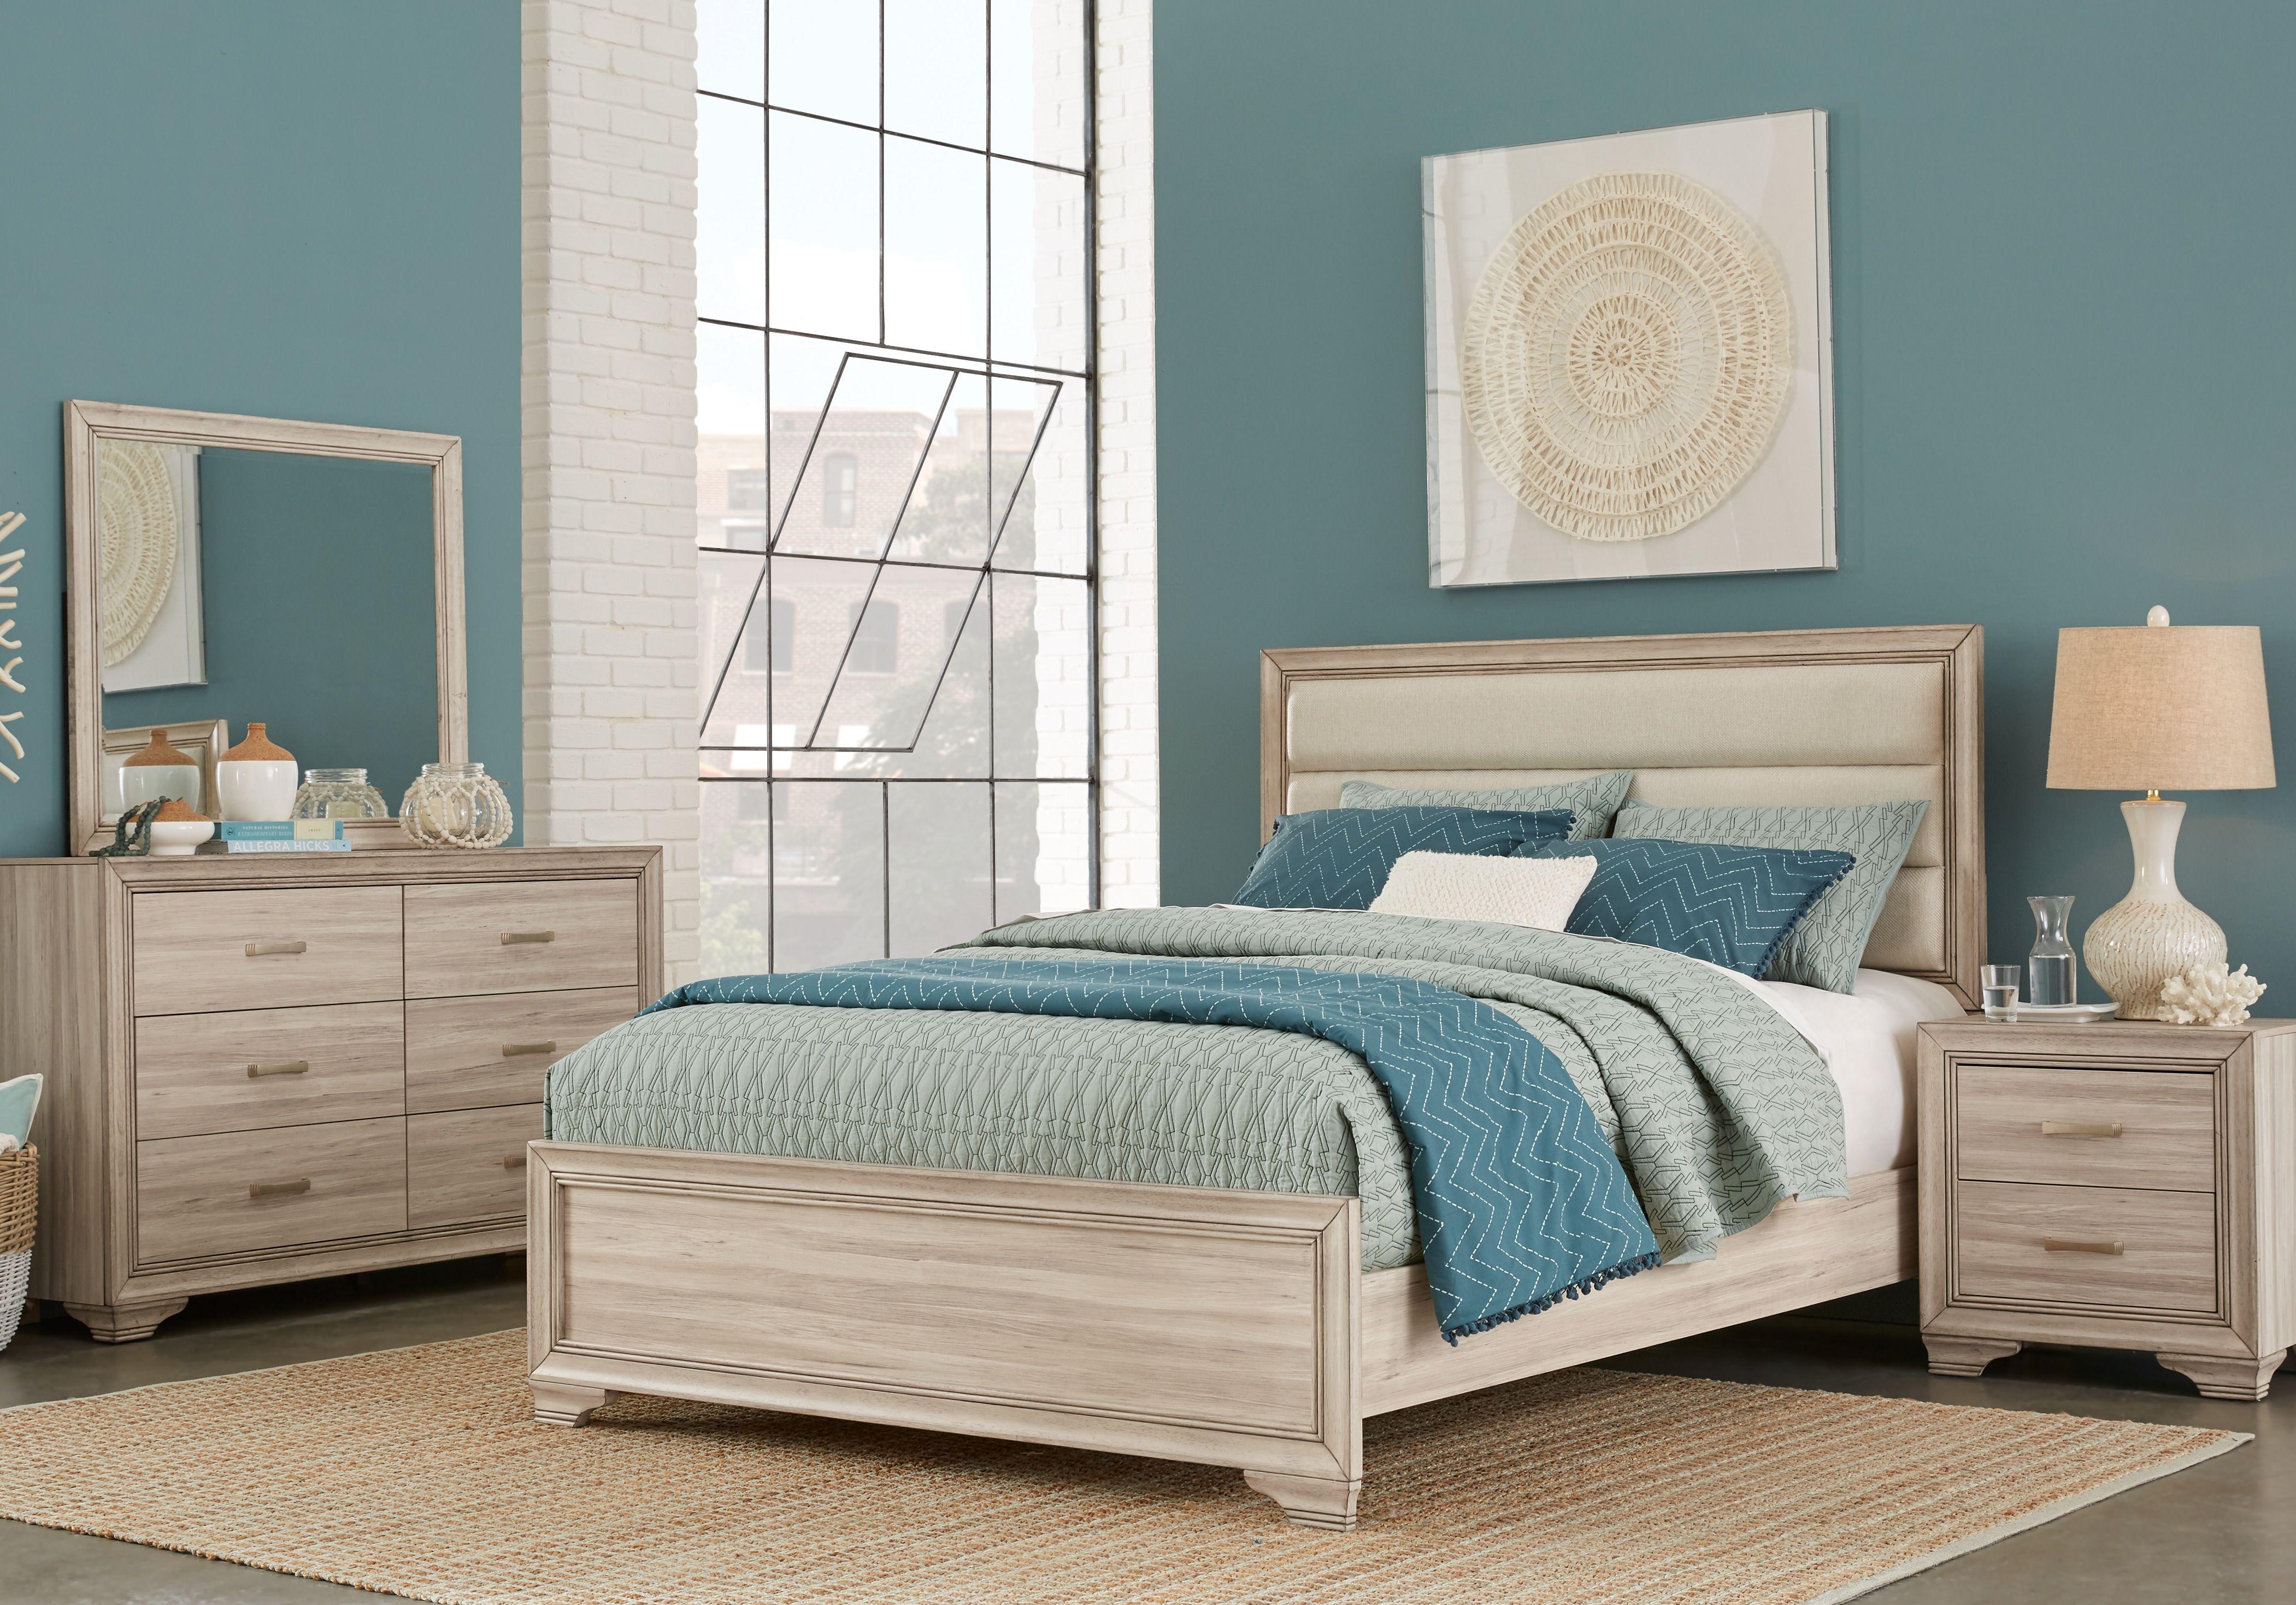 Marlow Natural 7 Pc Queen Panel Bedroom | bedset in 2019 ...